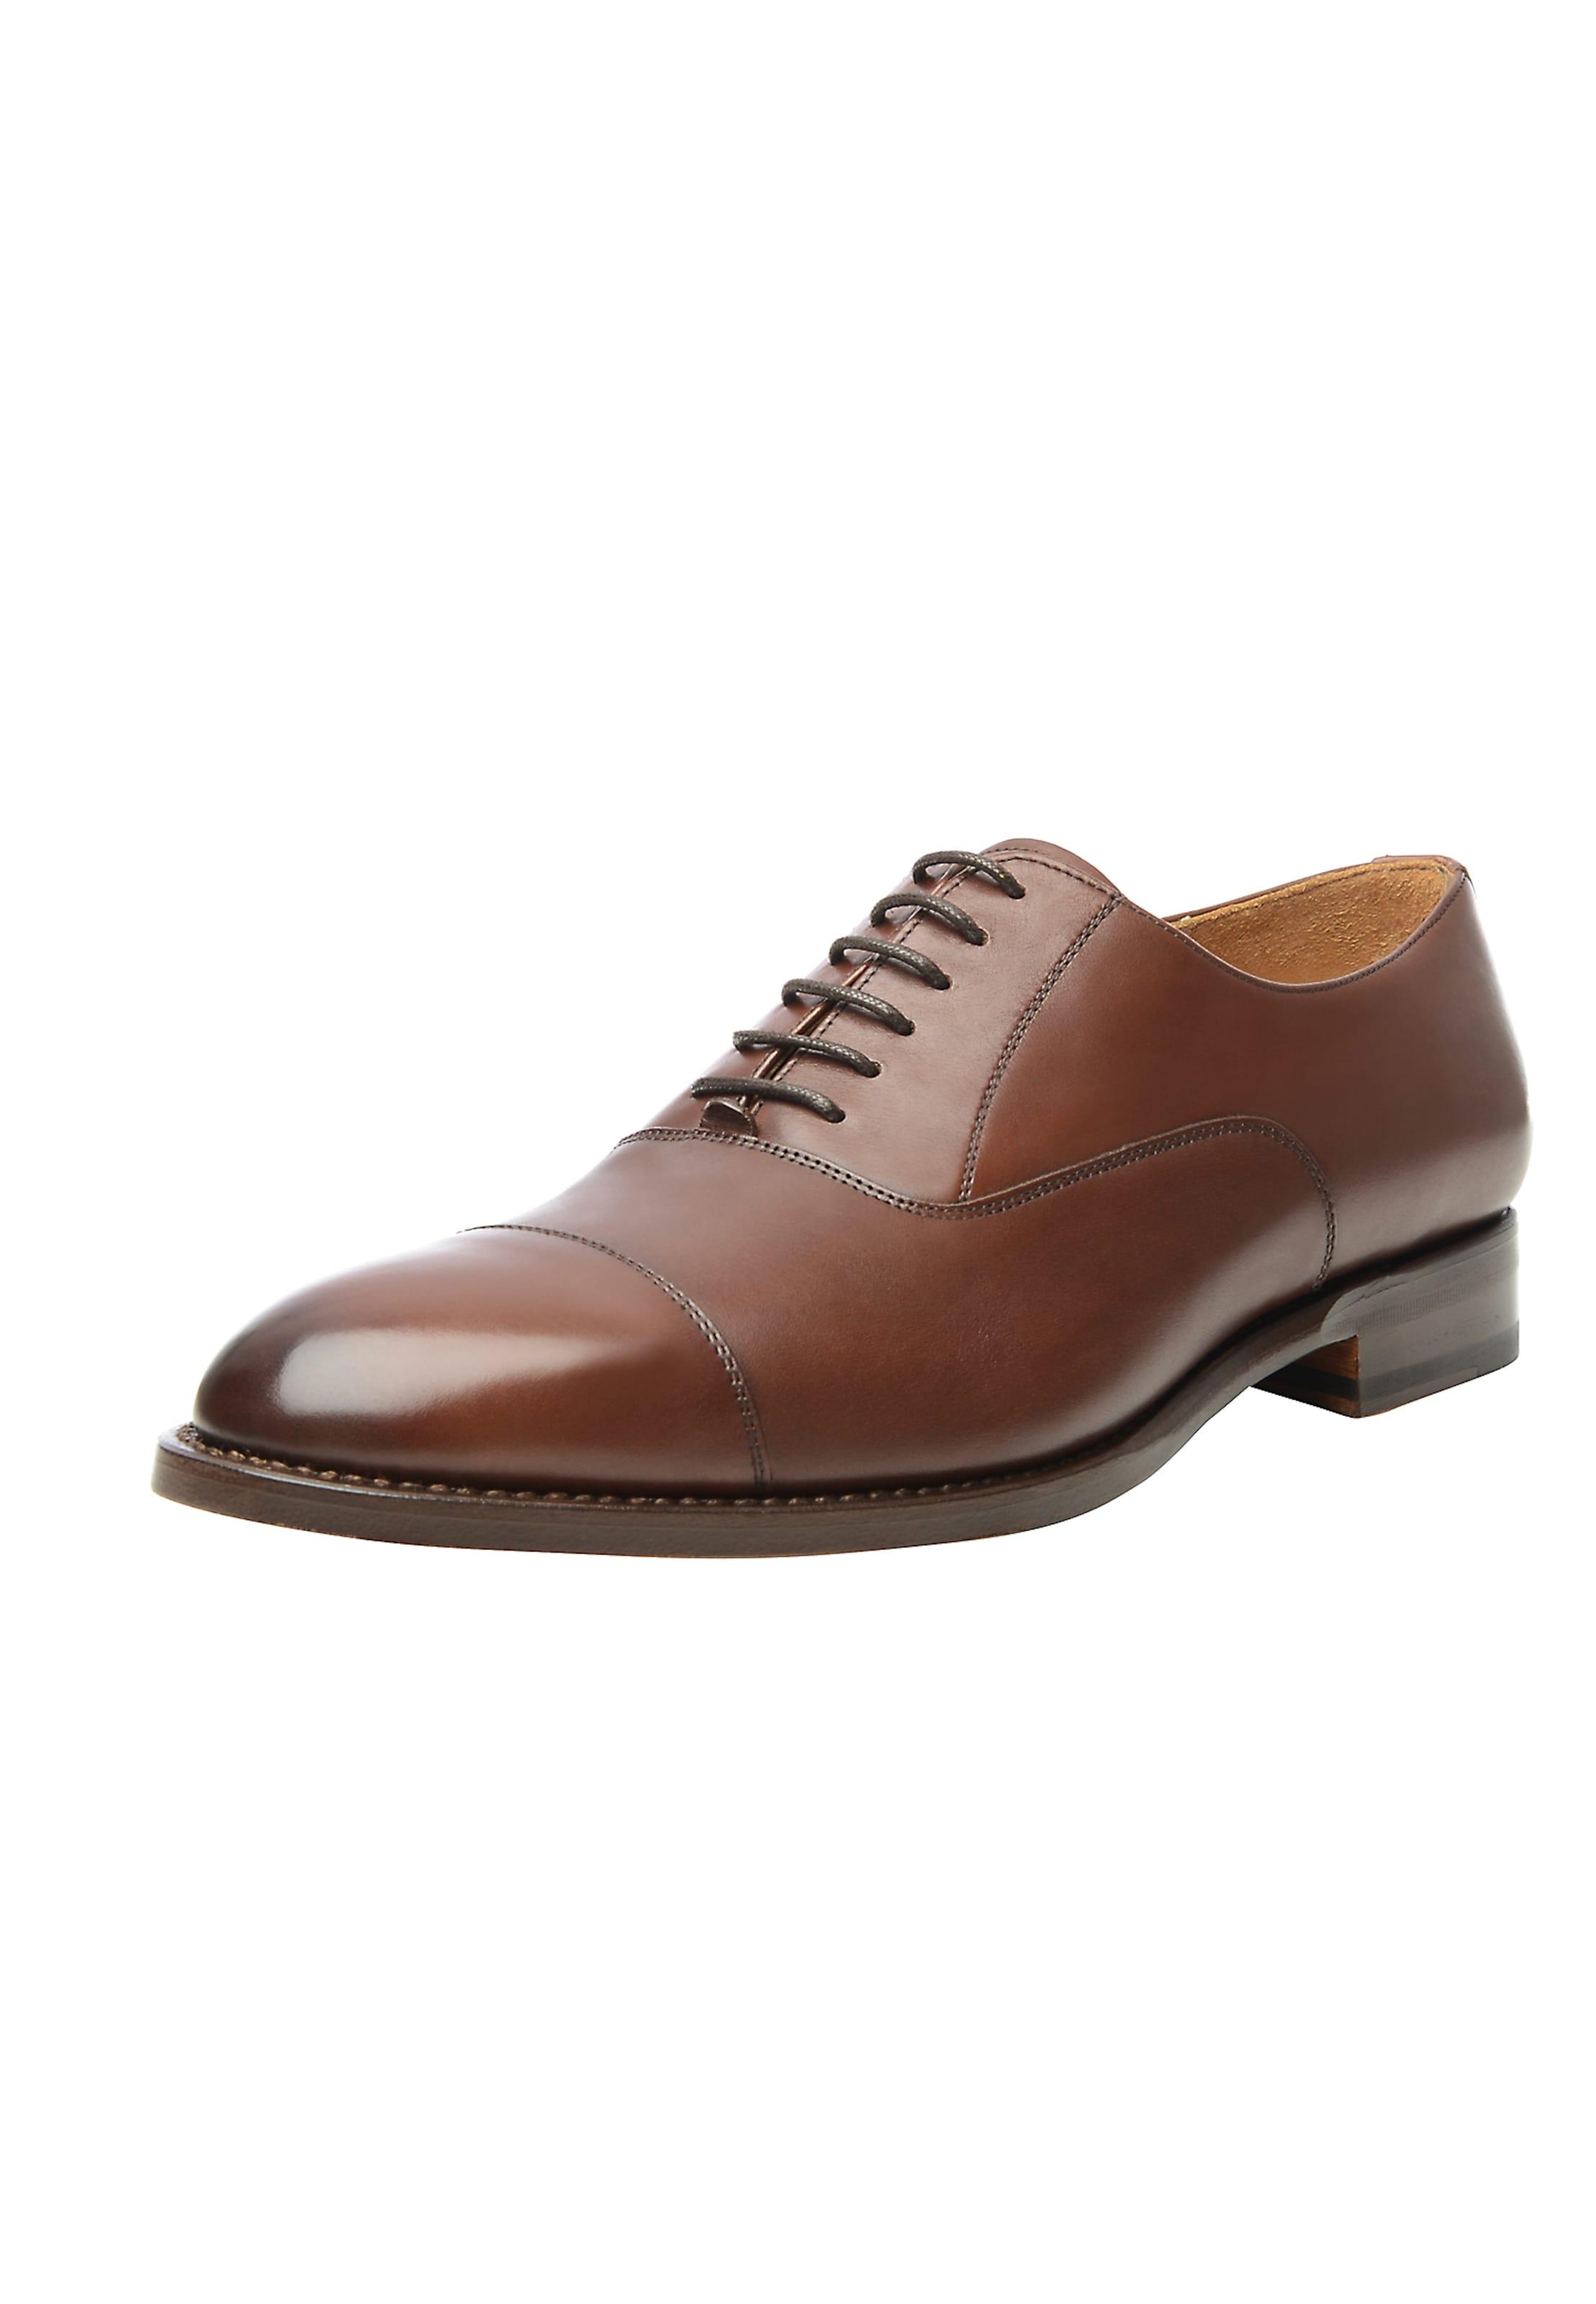 SHOEPASSION Businessschuhe No. 544 Verschleißfeste billige Schuhe